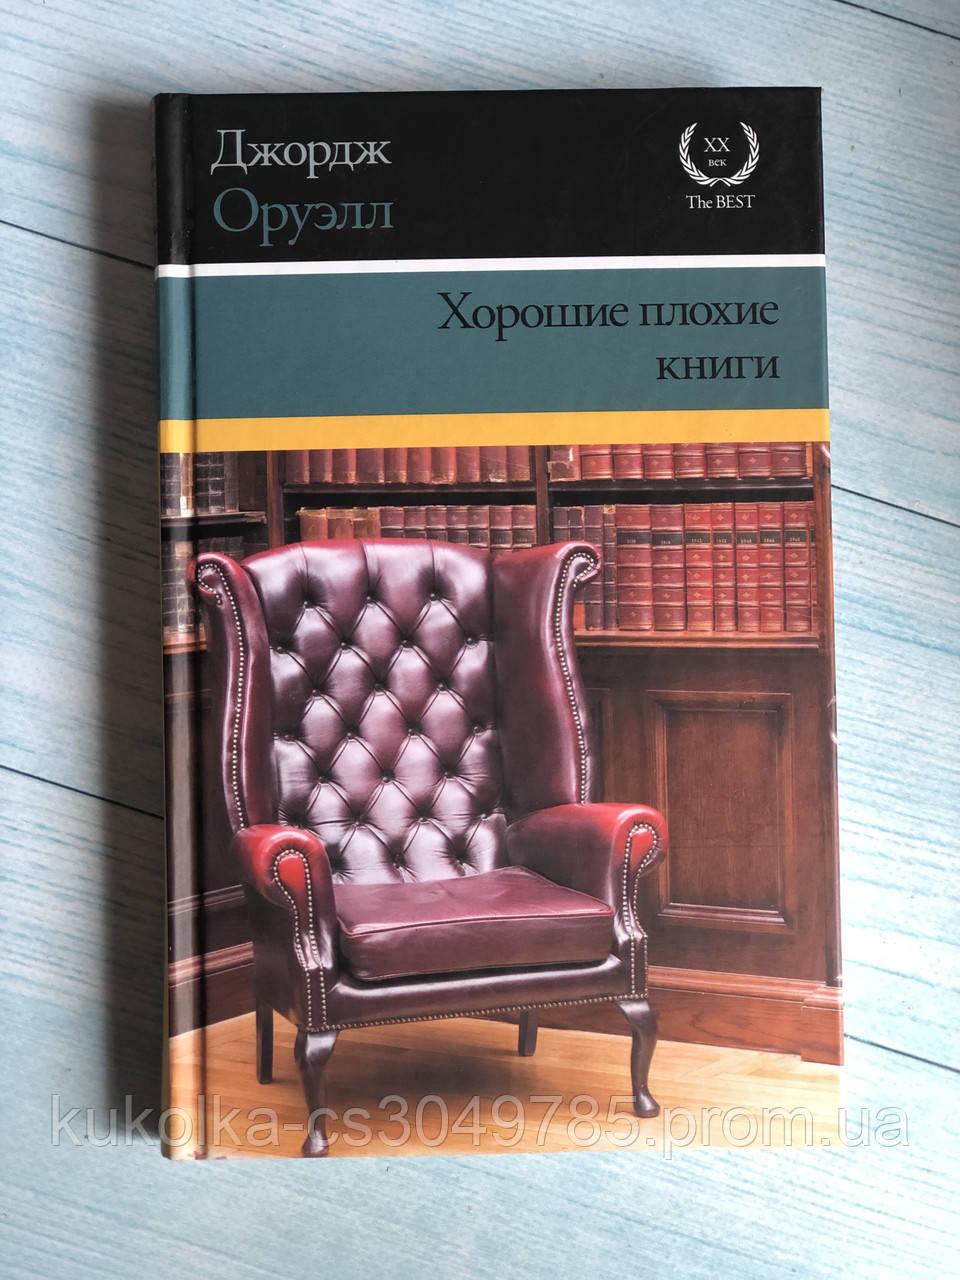 Хорошие плохие книги  Оруэлл Дж.